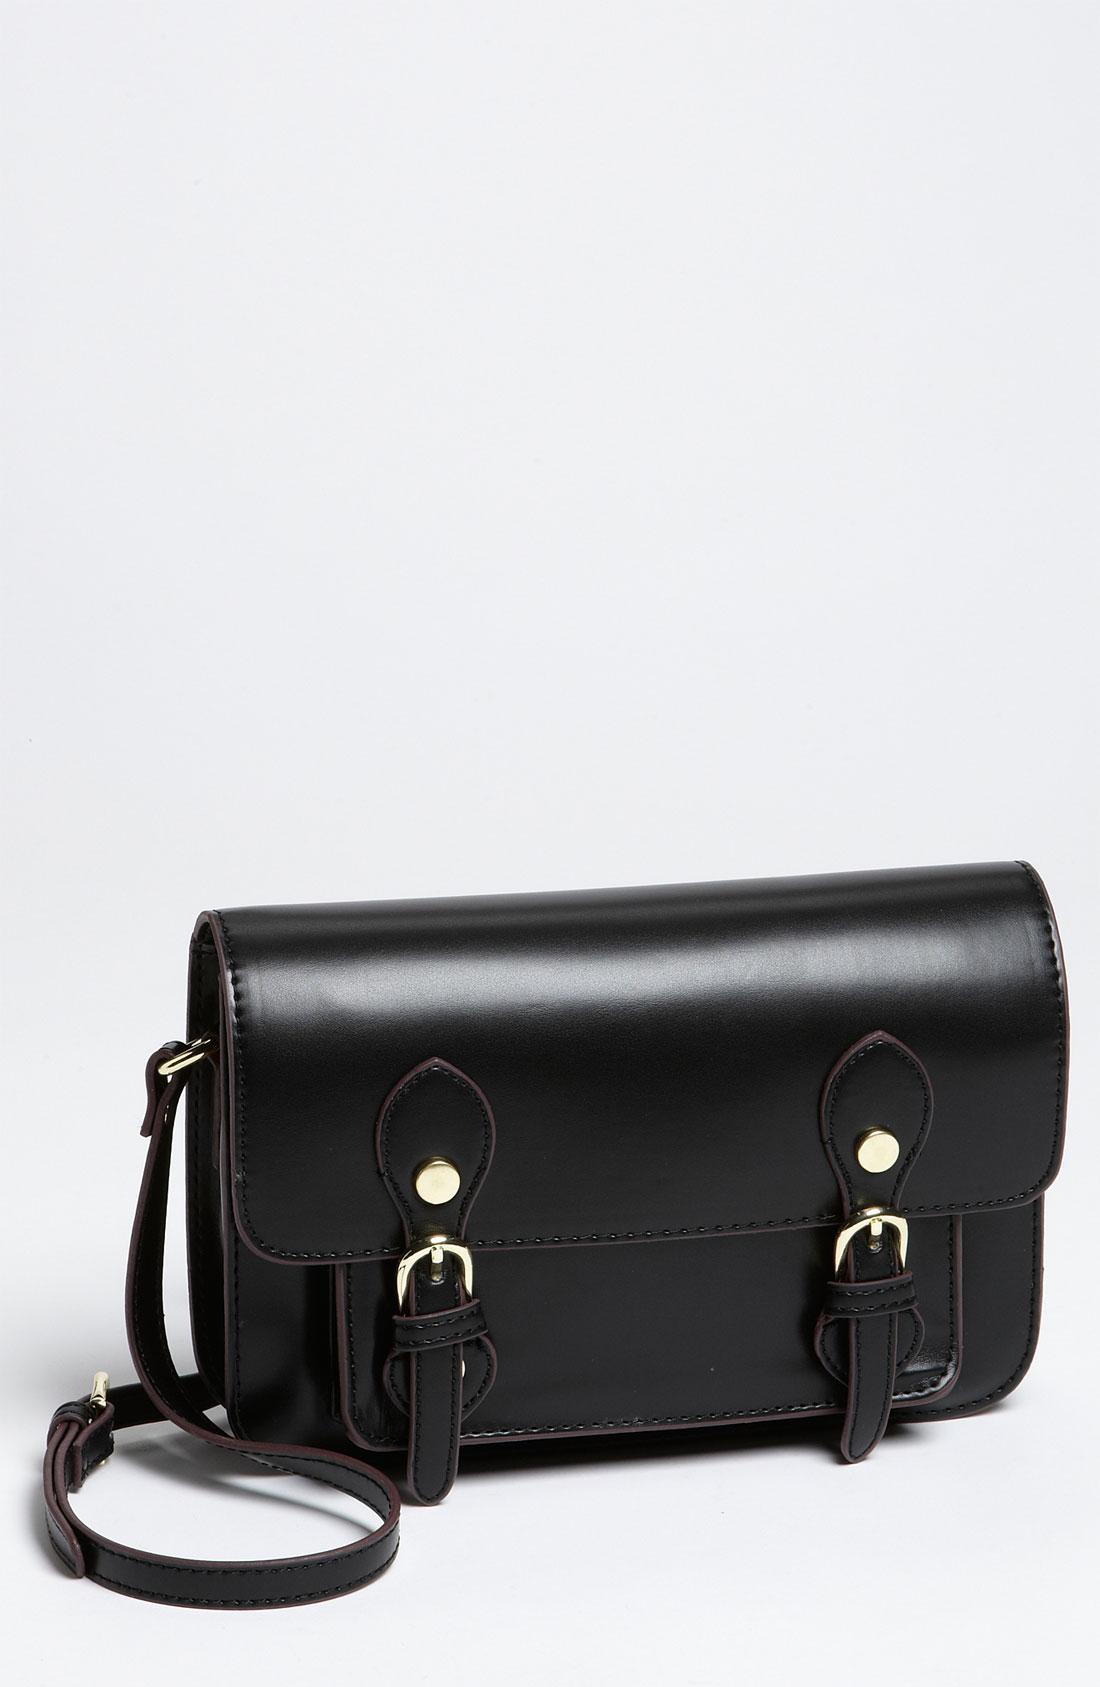 steven by steve madden crossbody bag in black lyst